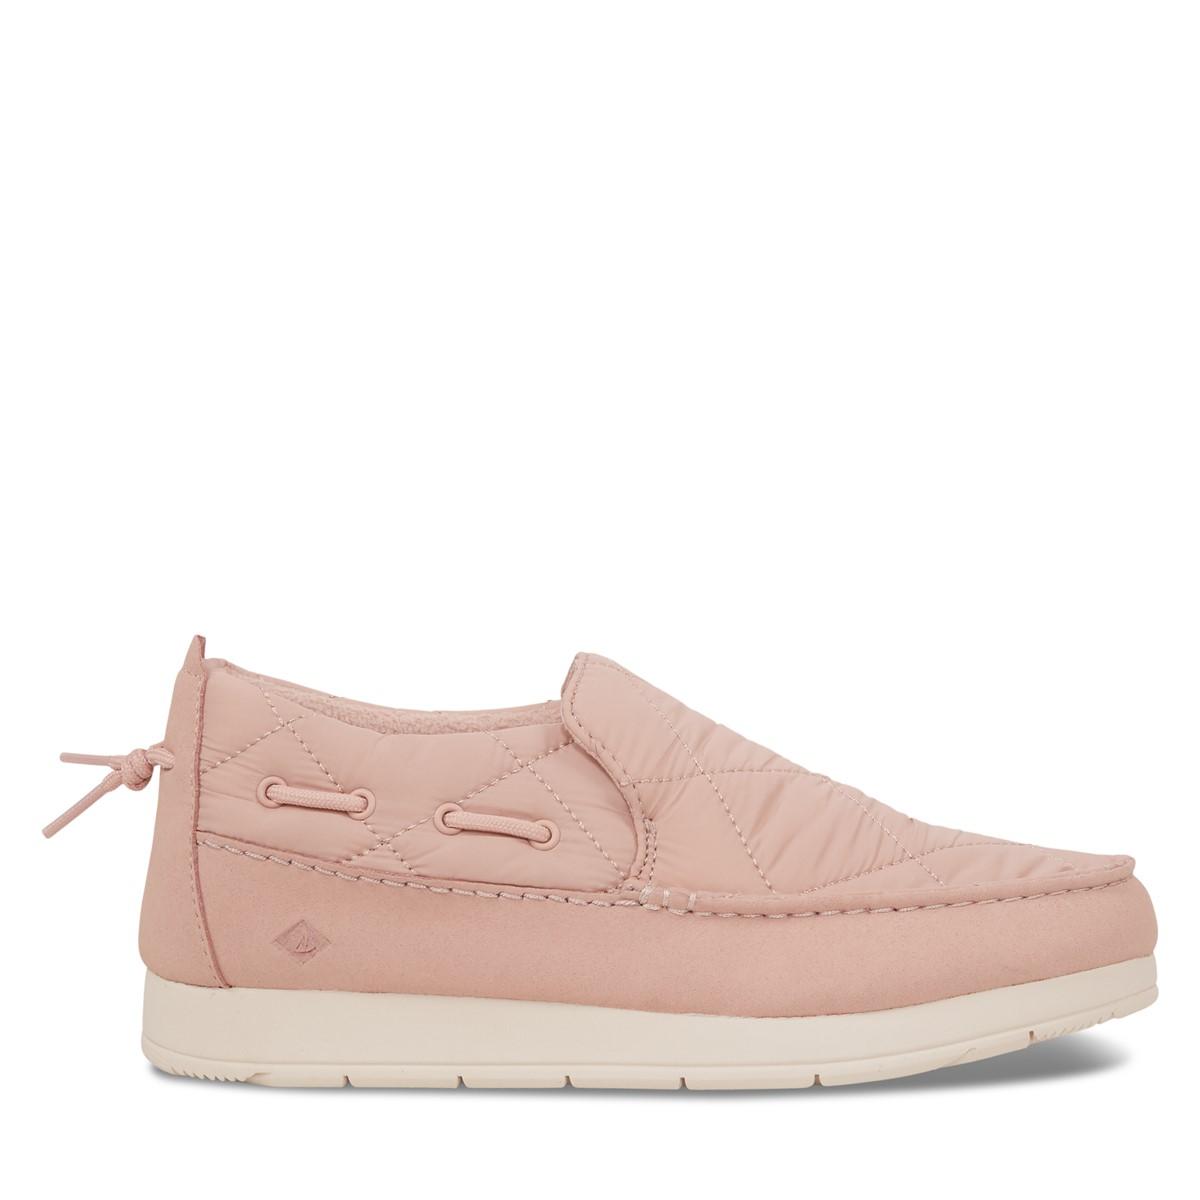 Women's Moc-Sider Slip-On Sneakers in Pink